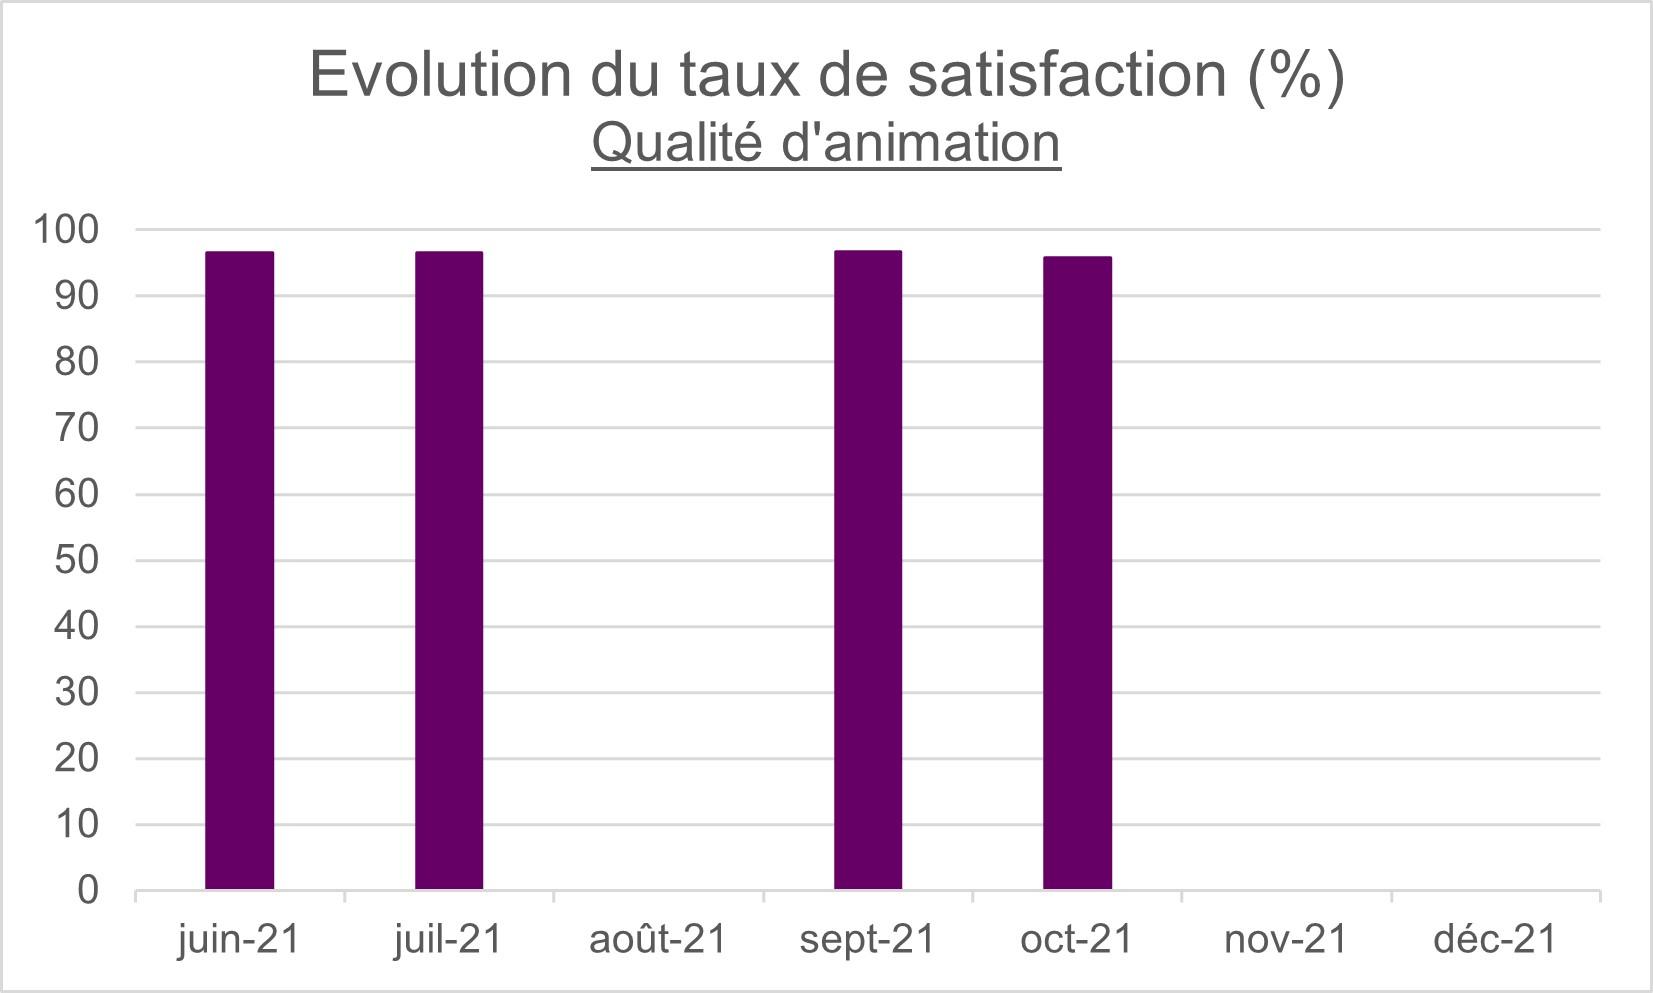 Évolution du taux de satisfaction - qualité d'animation - Anne O Sens